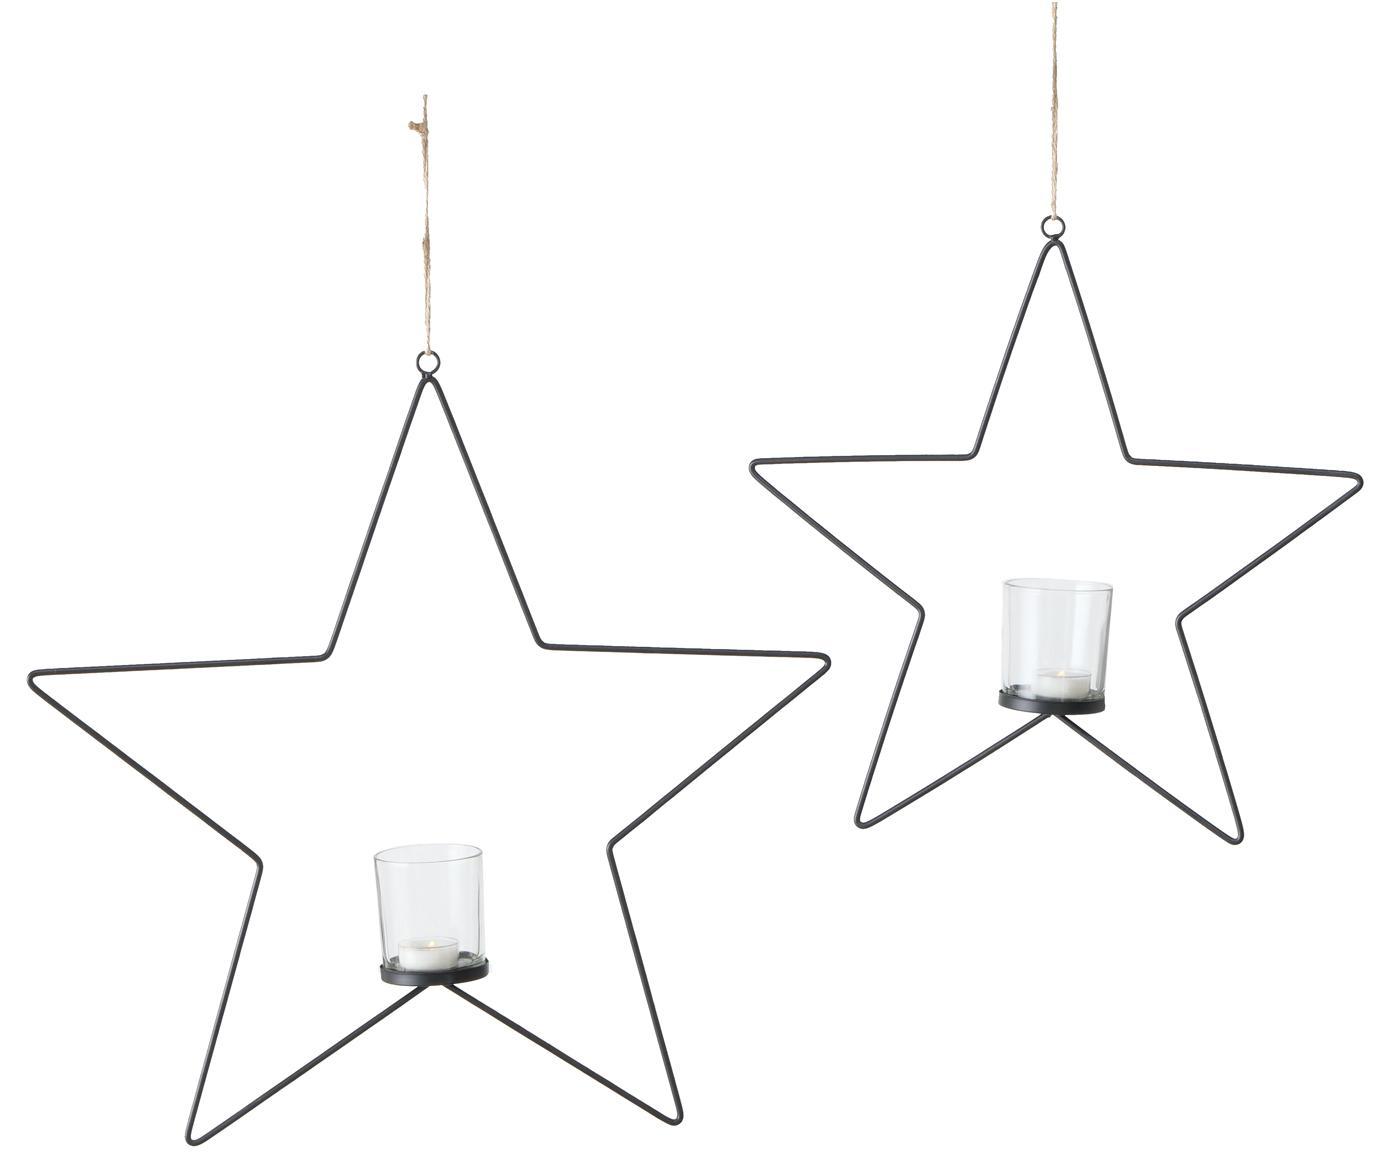 Windlichter-Set Pina, 2-tlg., Gestell: Metall, beschichtet, Windlicht: Glas, Schwarz, Transparent, Sondergrößen